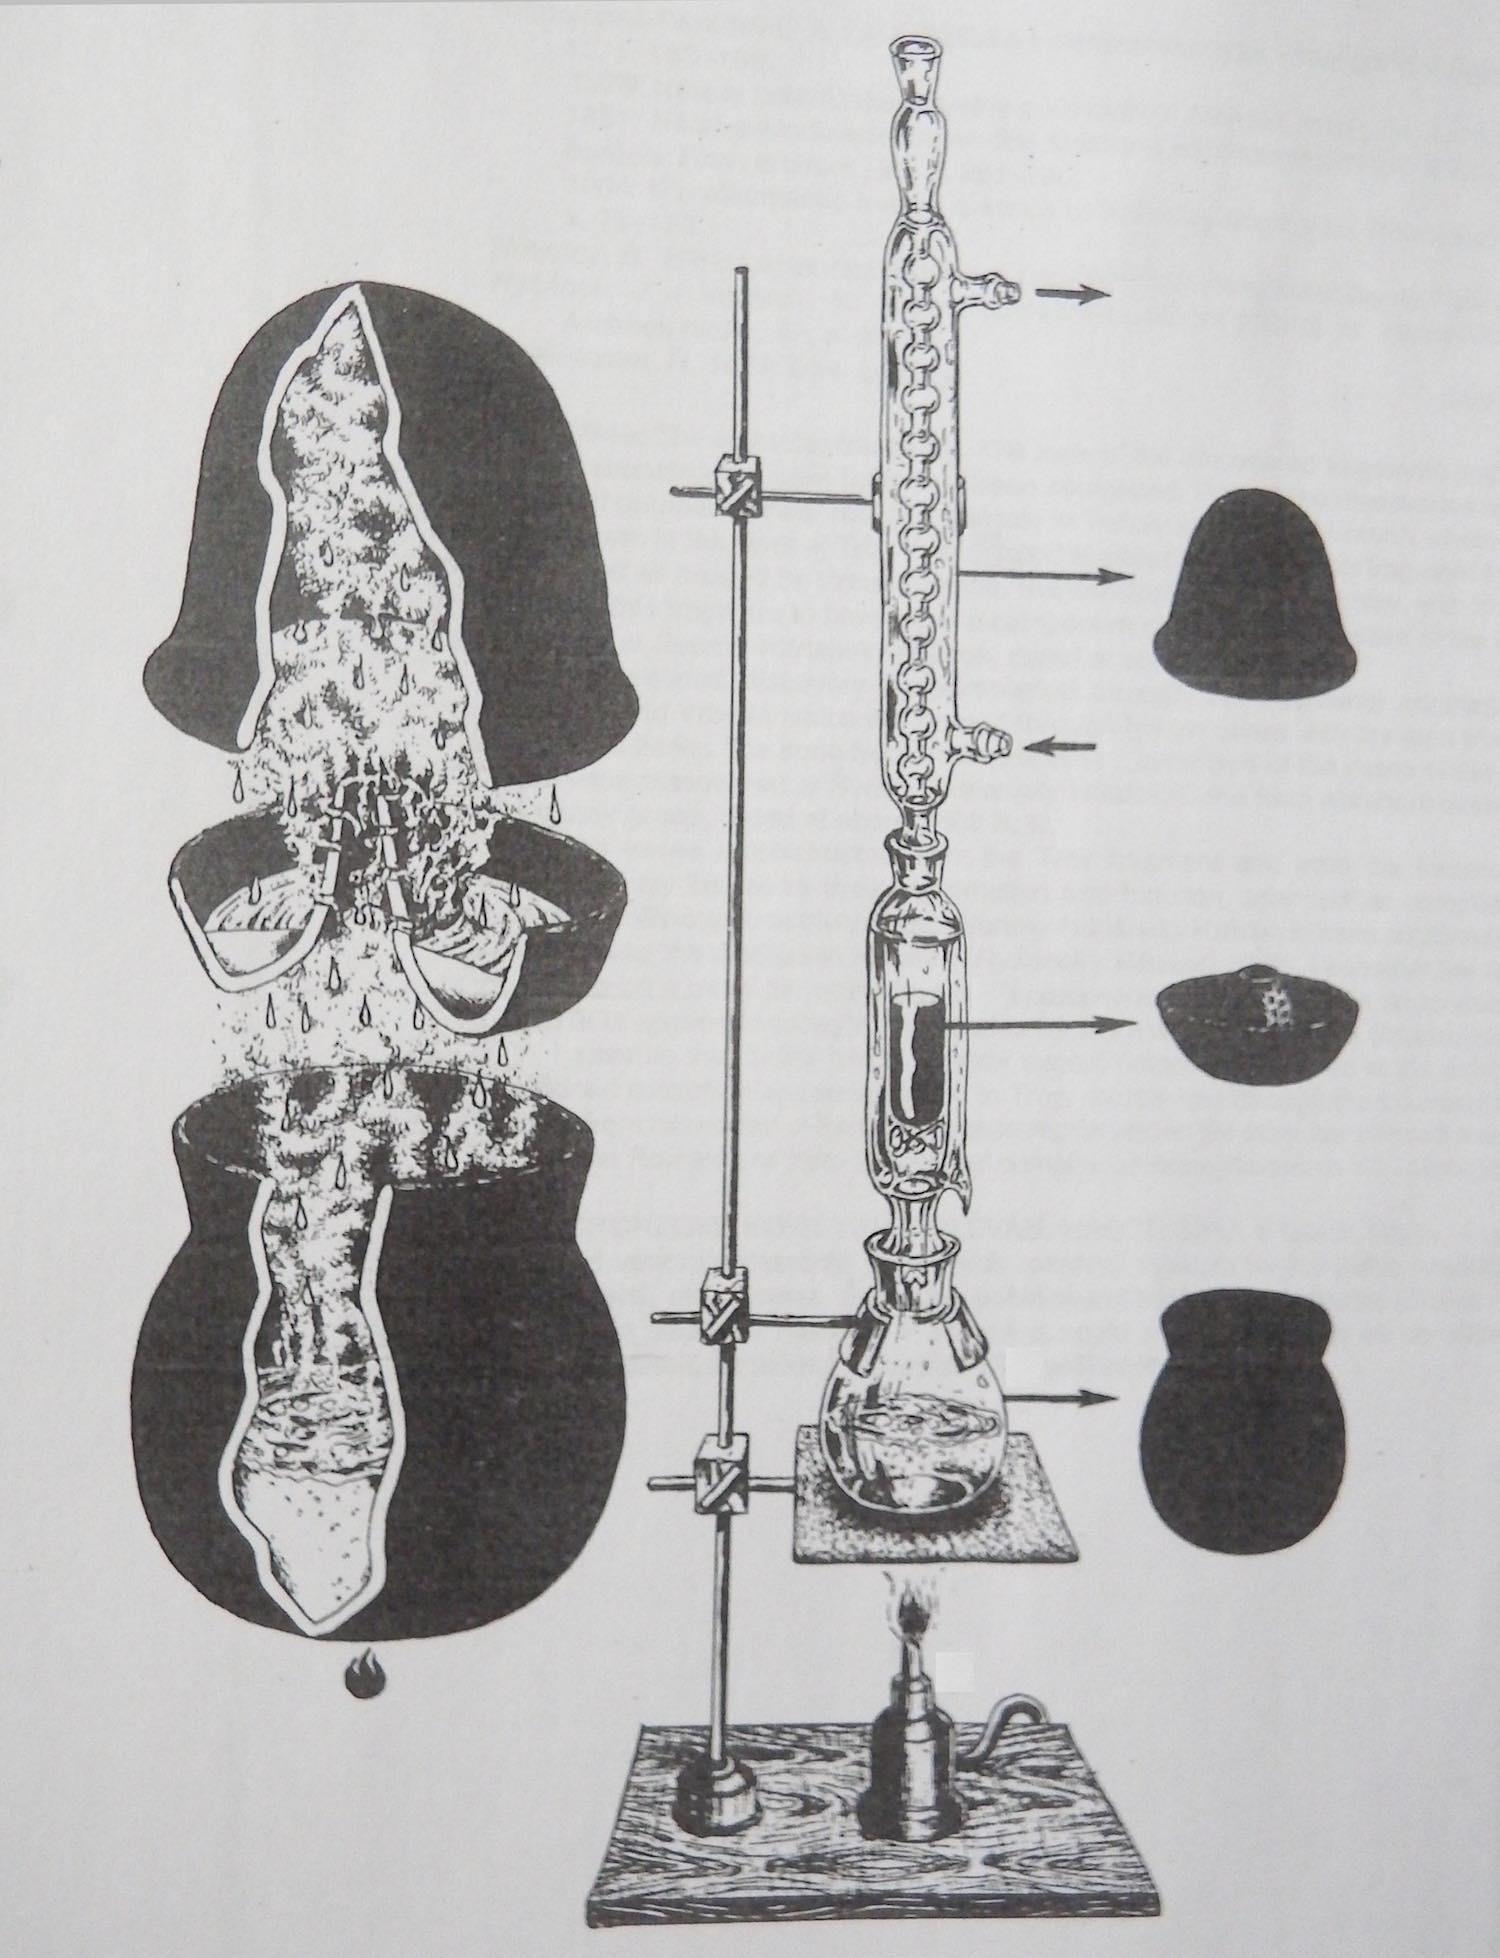 Analogia fra la ricostruzione del separatore di Troia V del 2000 a.C. con un moderno separatore a riflusso (da: Ryšánek, 1993, fig. 6, p. 13)